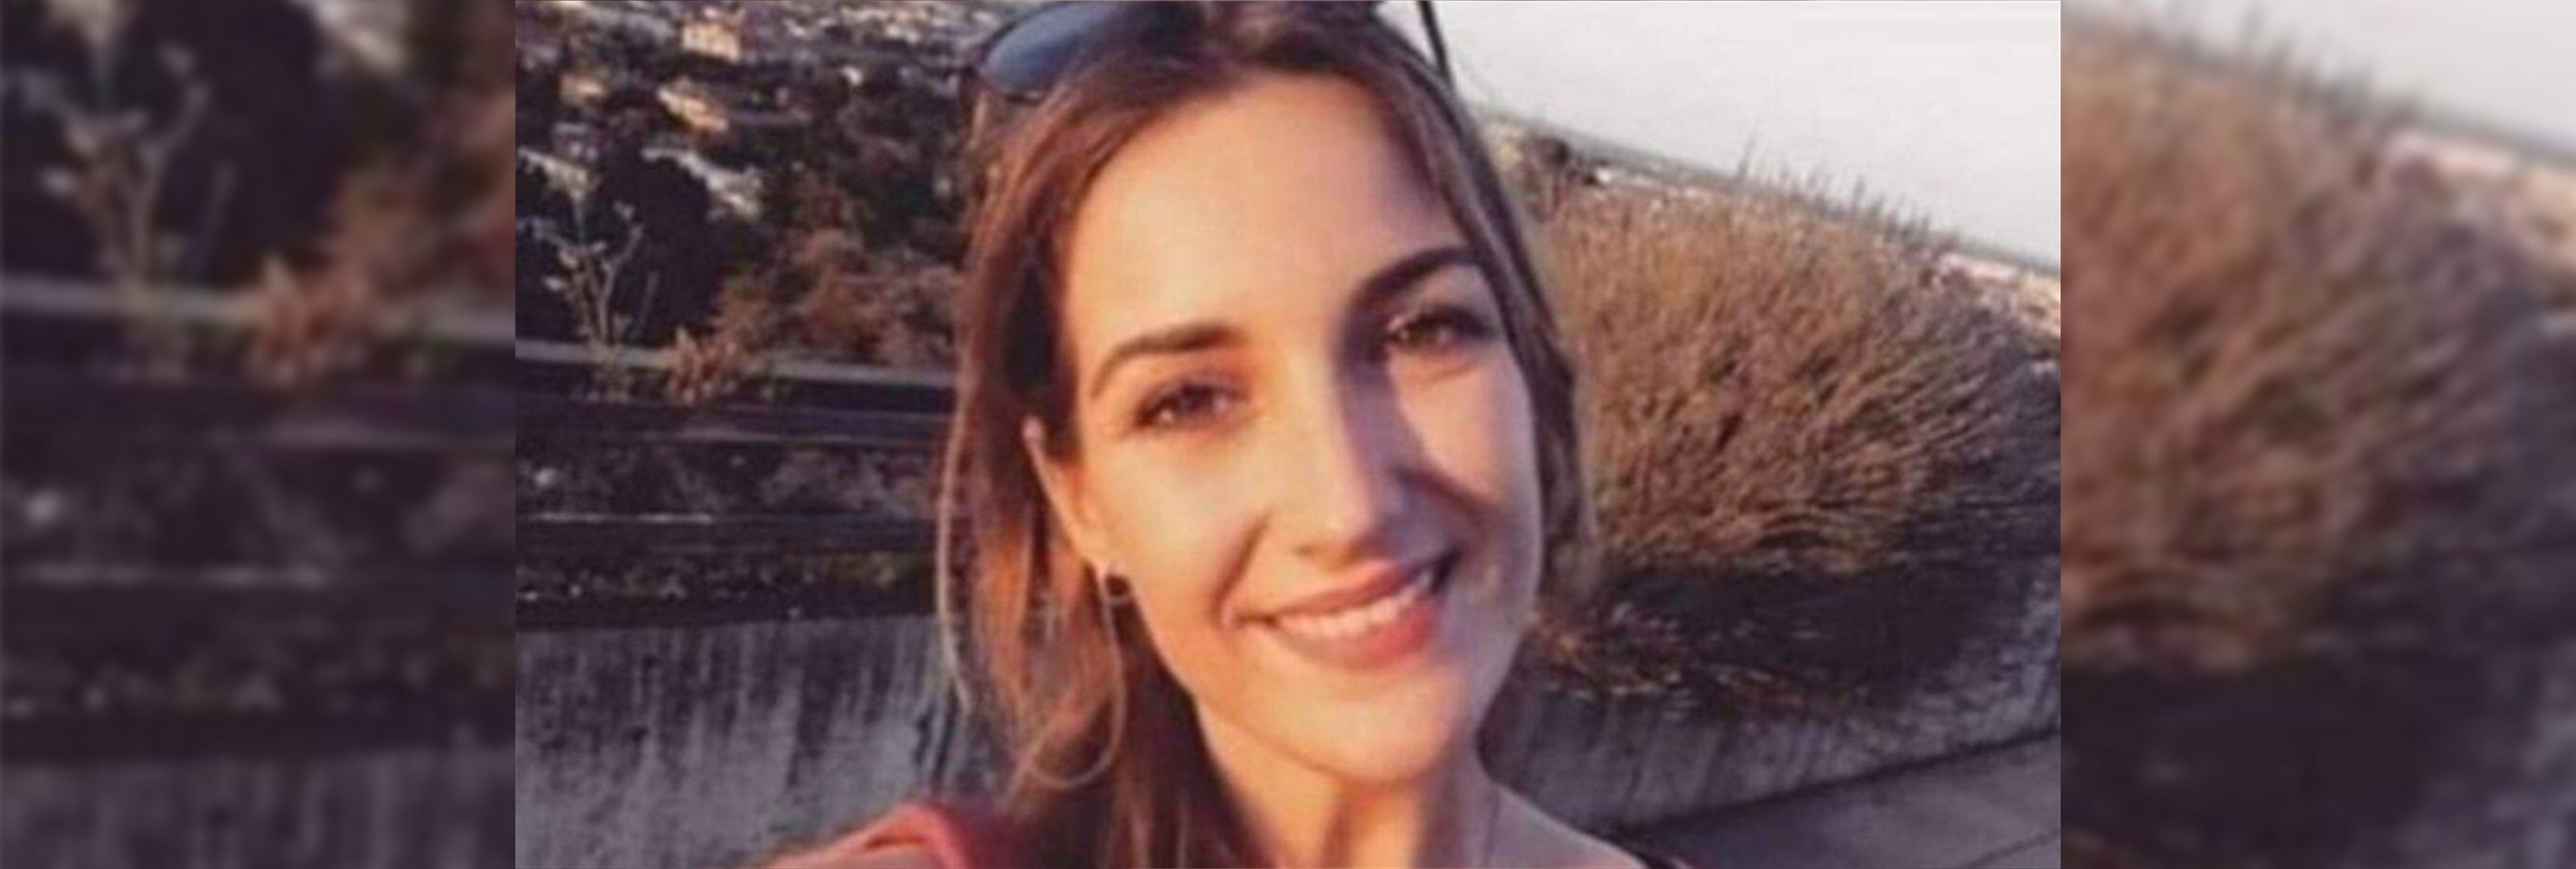 #TodasSomosLaura: la redes estallan en indignación y dolor por el asesinato de la maestra